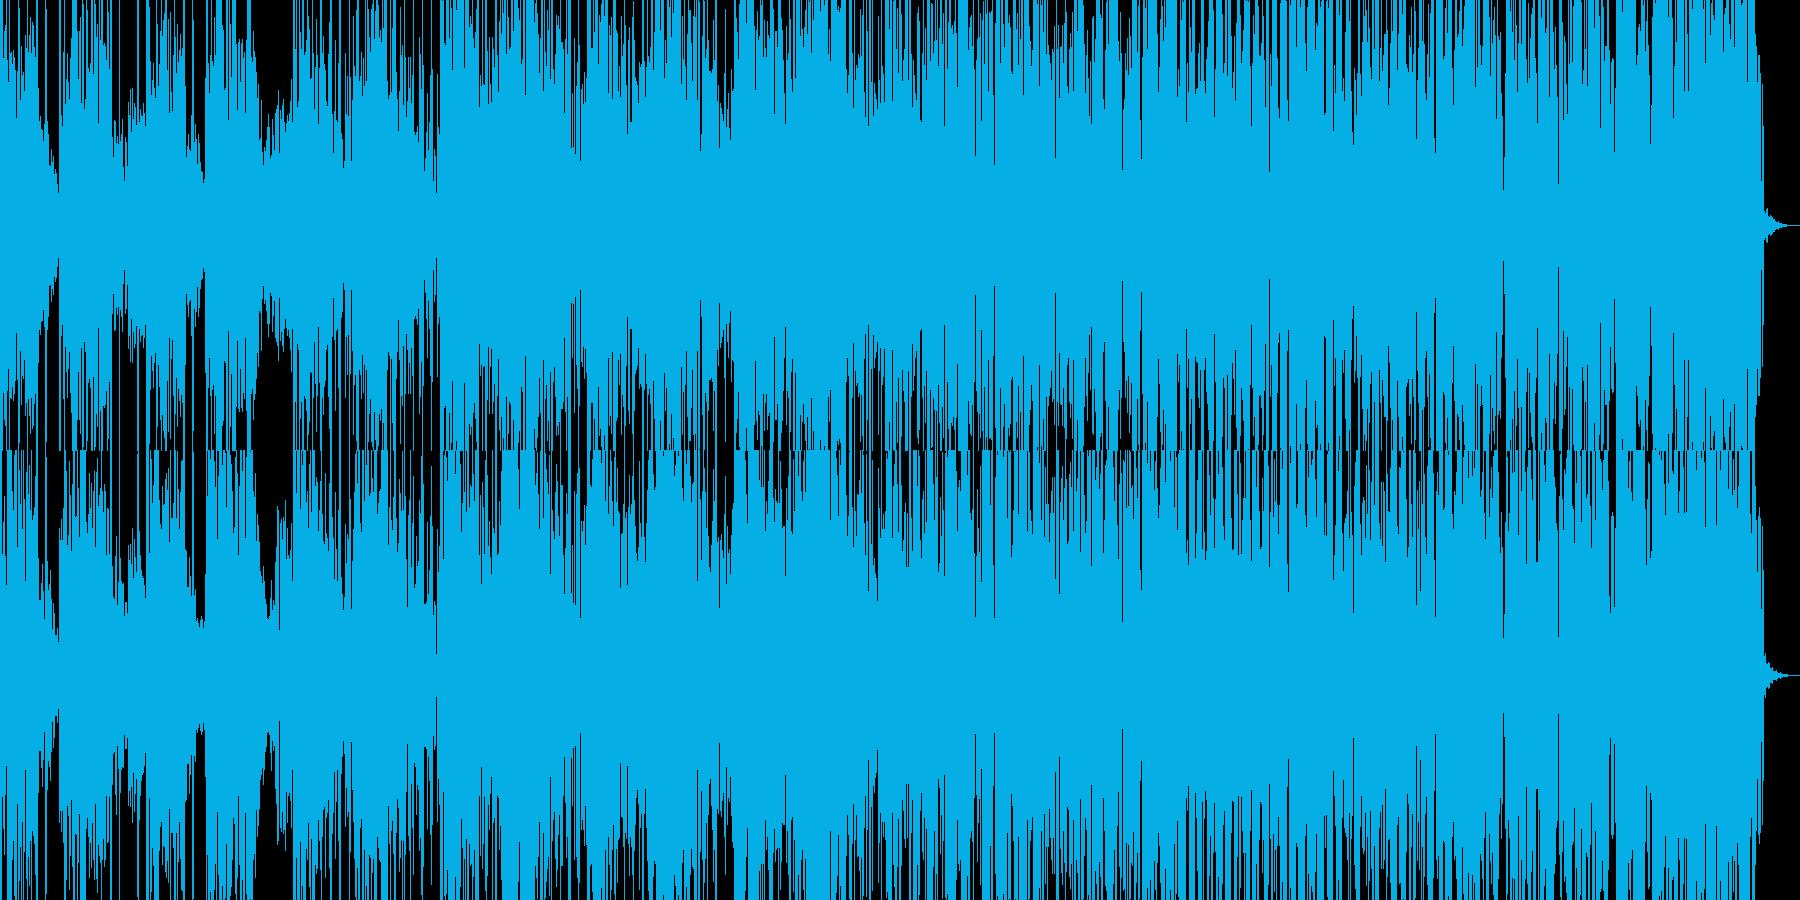 きれいな音色のビートトラックの再生済みの波形